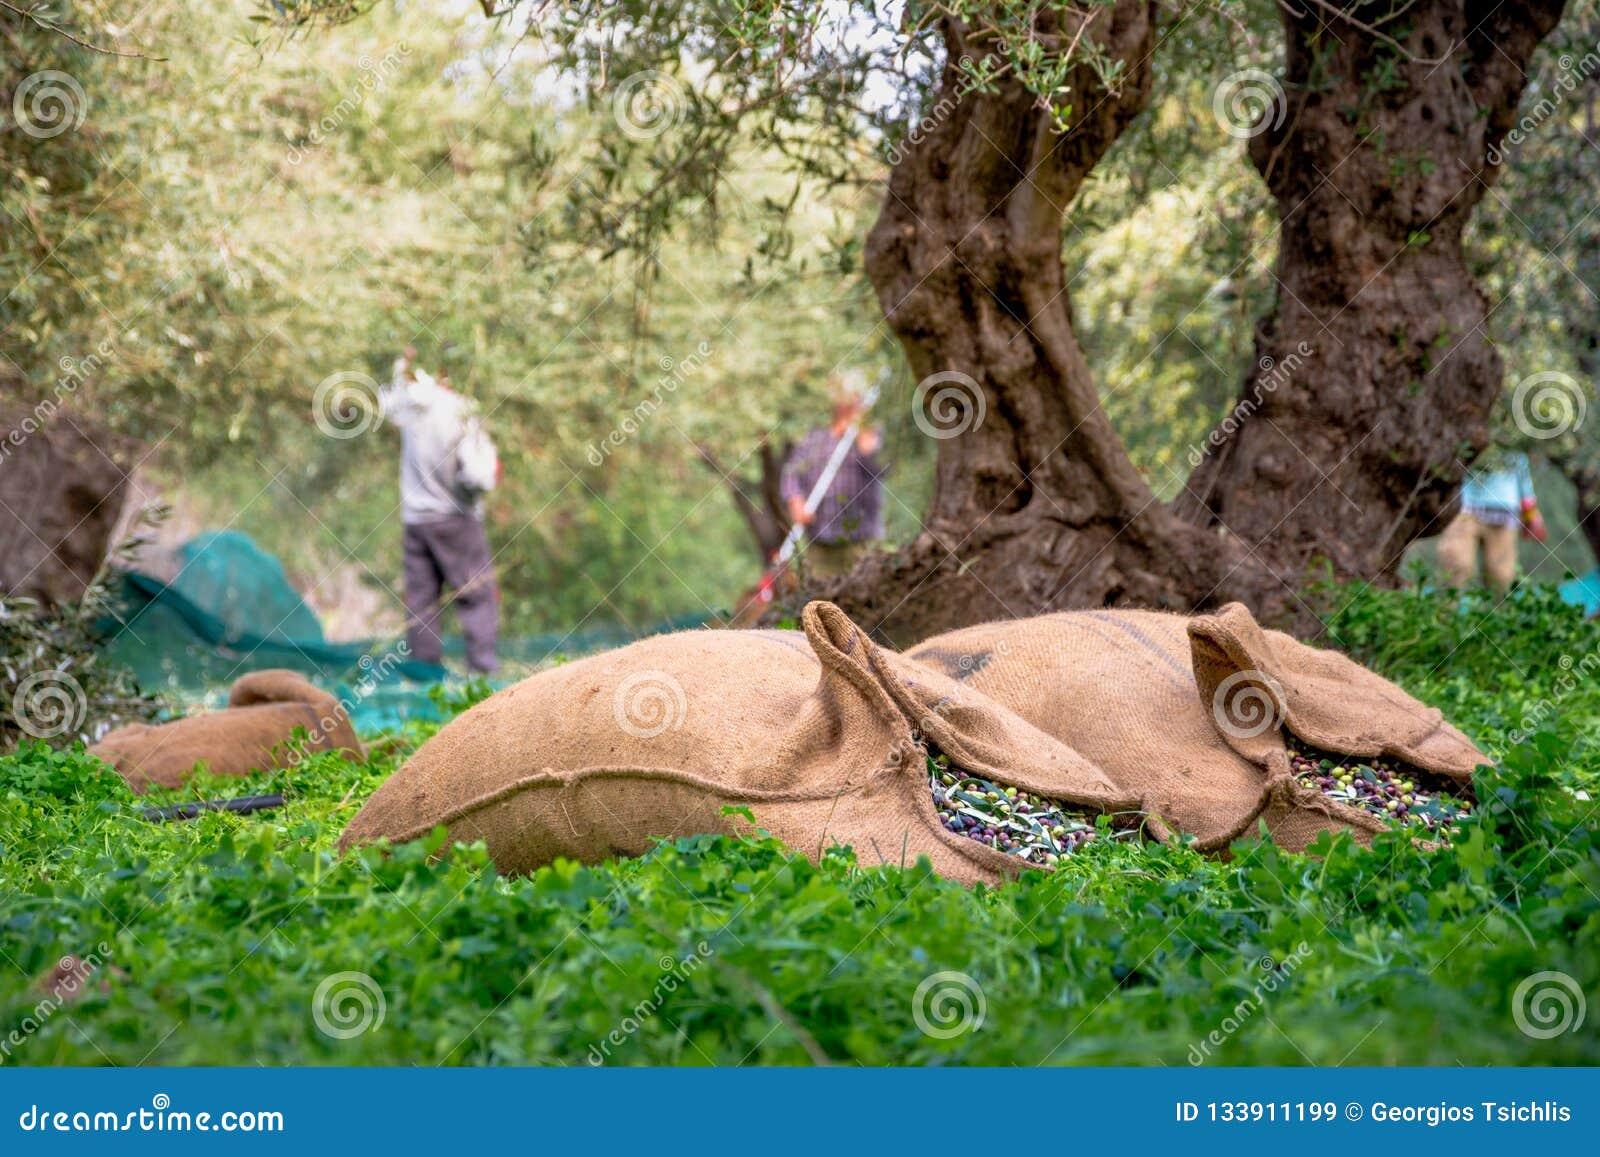 Erntete neue Oliven in den Säcken auf einem Gebiet in Kreta, Griechenland